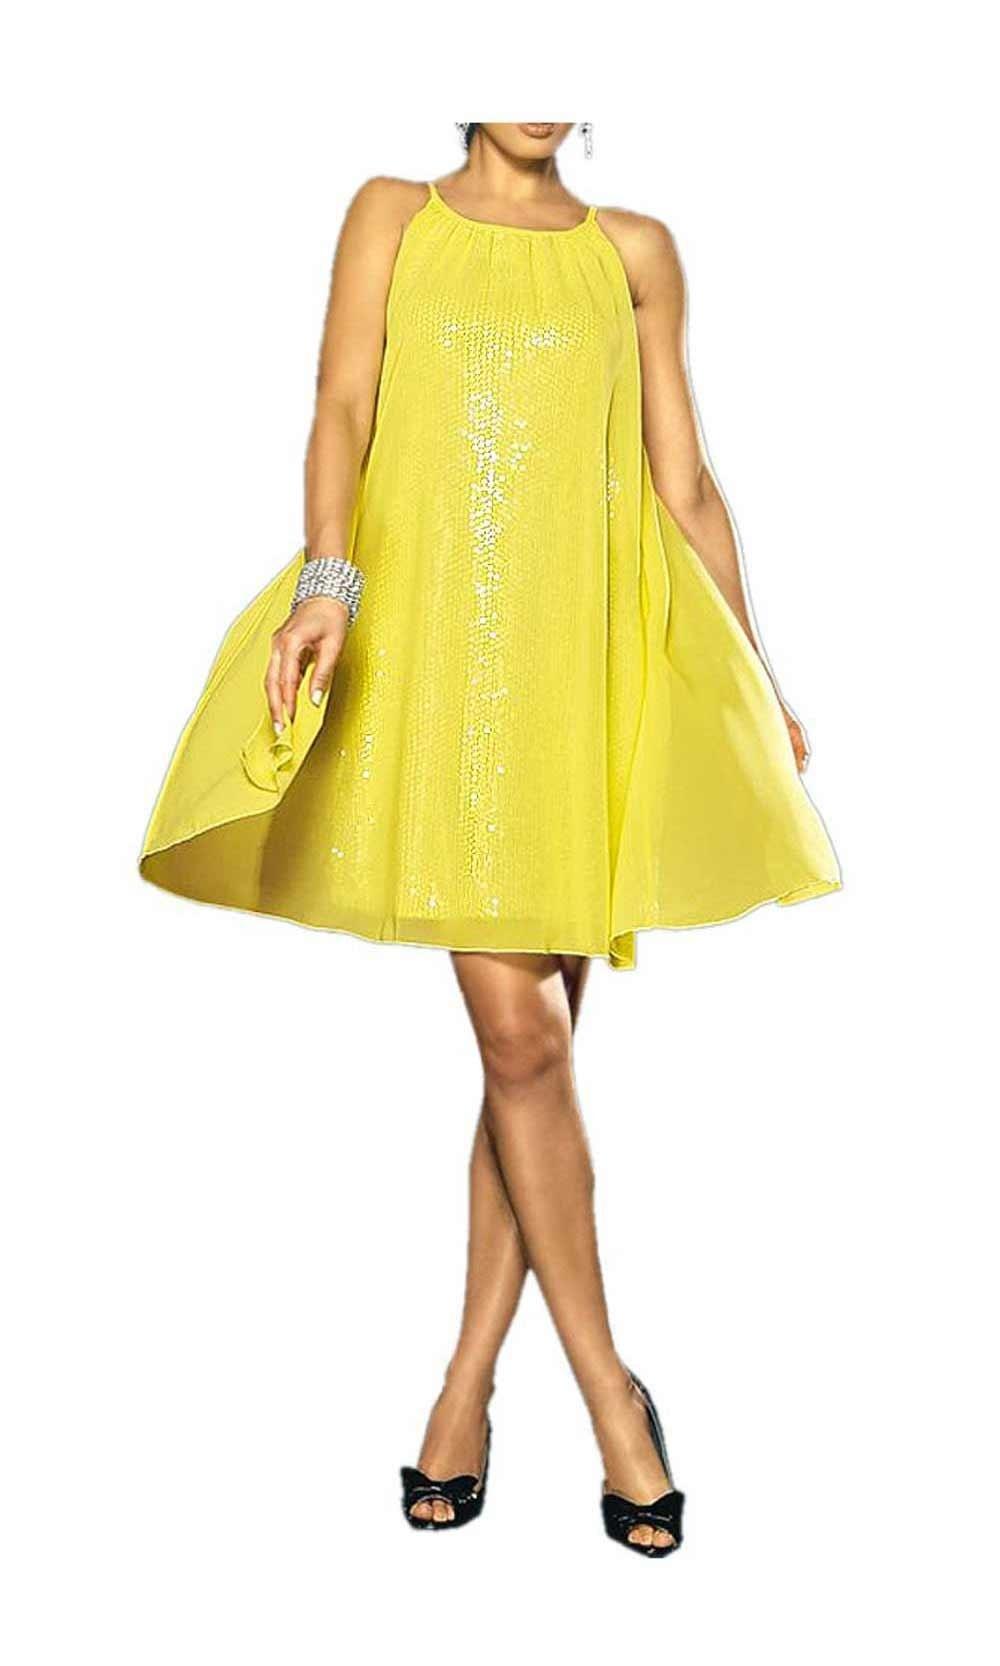 20 Luxus Abendkleider Apart Boutique17 Ausgezeichnet Abendkleider Apart Design